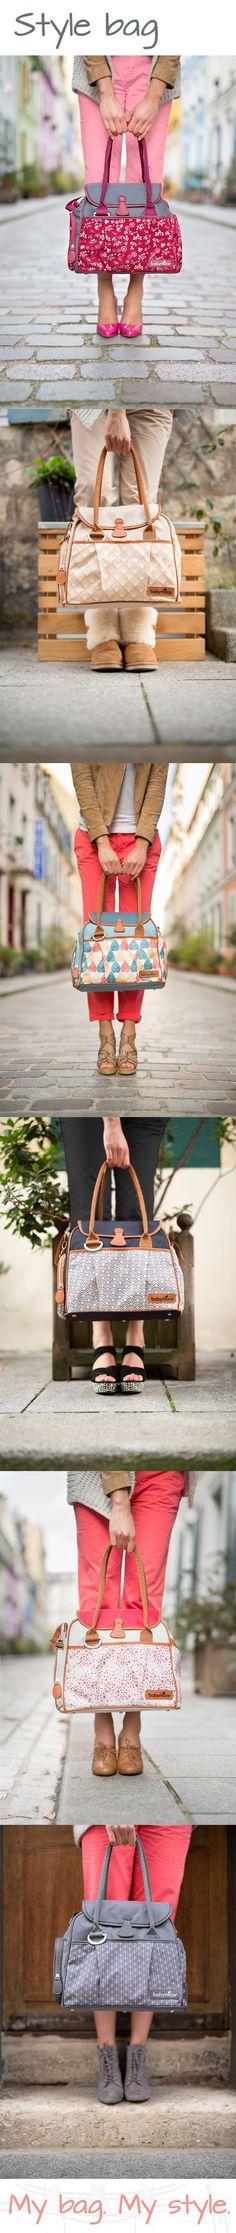 Le sac à langer Style Bag et ses 6 coloris pour que chaque maman trouve un sac à son image ! #MyBagMyStyle #Babymoov #ChangingBag #Smart #DailyBag #FashionMum #bébé #baby #sac #sacàlanger